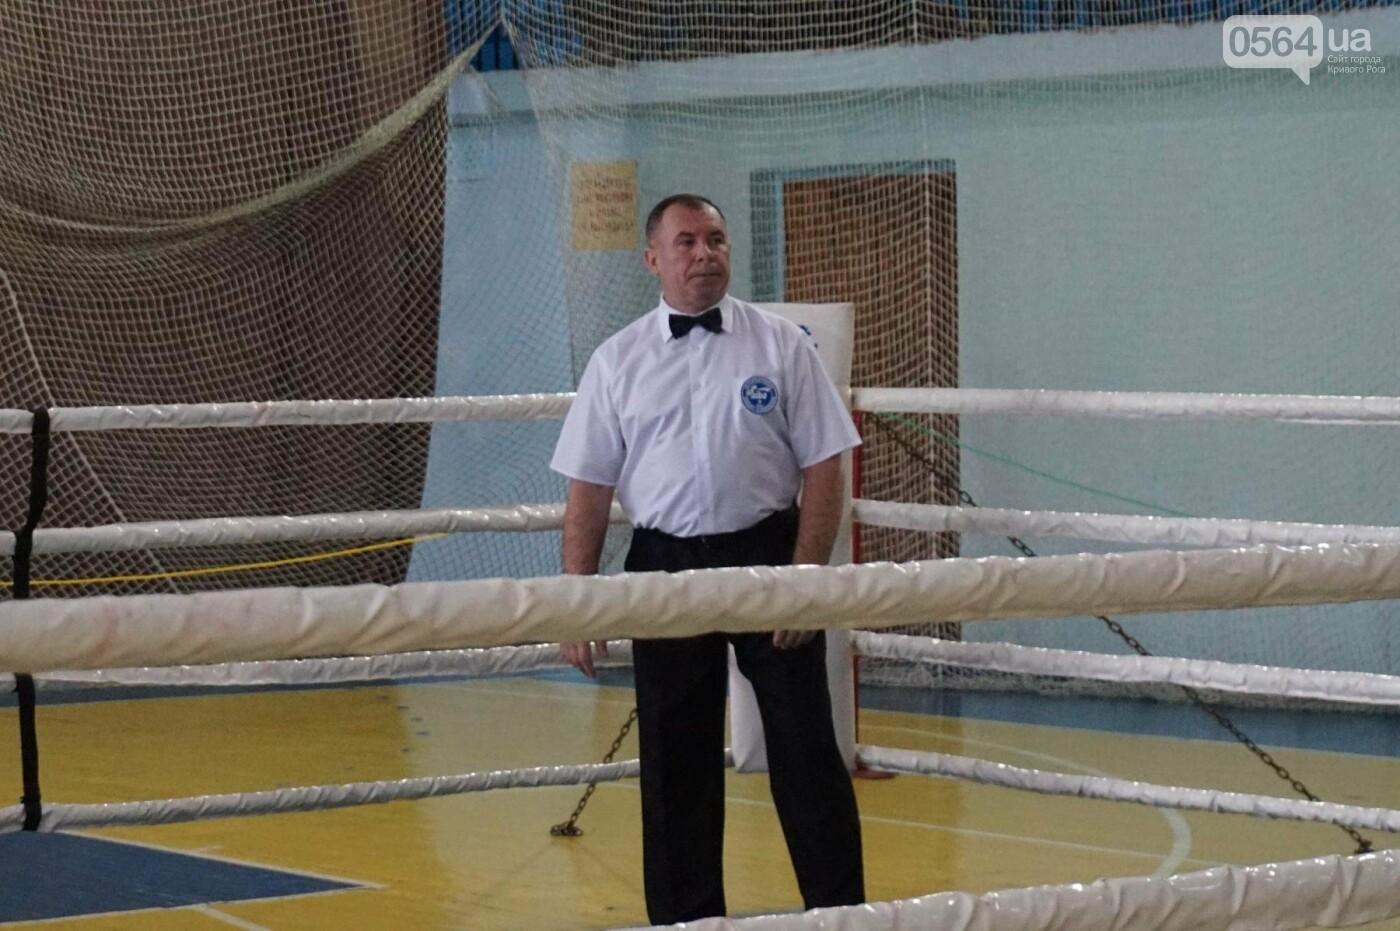 В Кривом Роге состоялся Международный турнир по боксу (ФОТО, ВИДЕО), фото-35